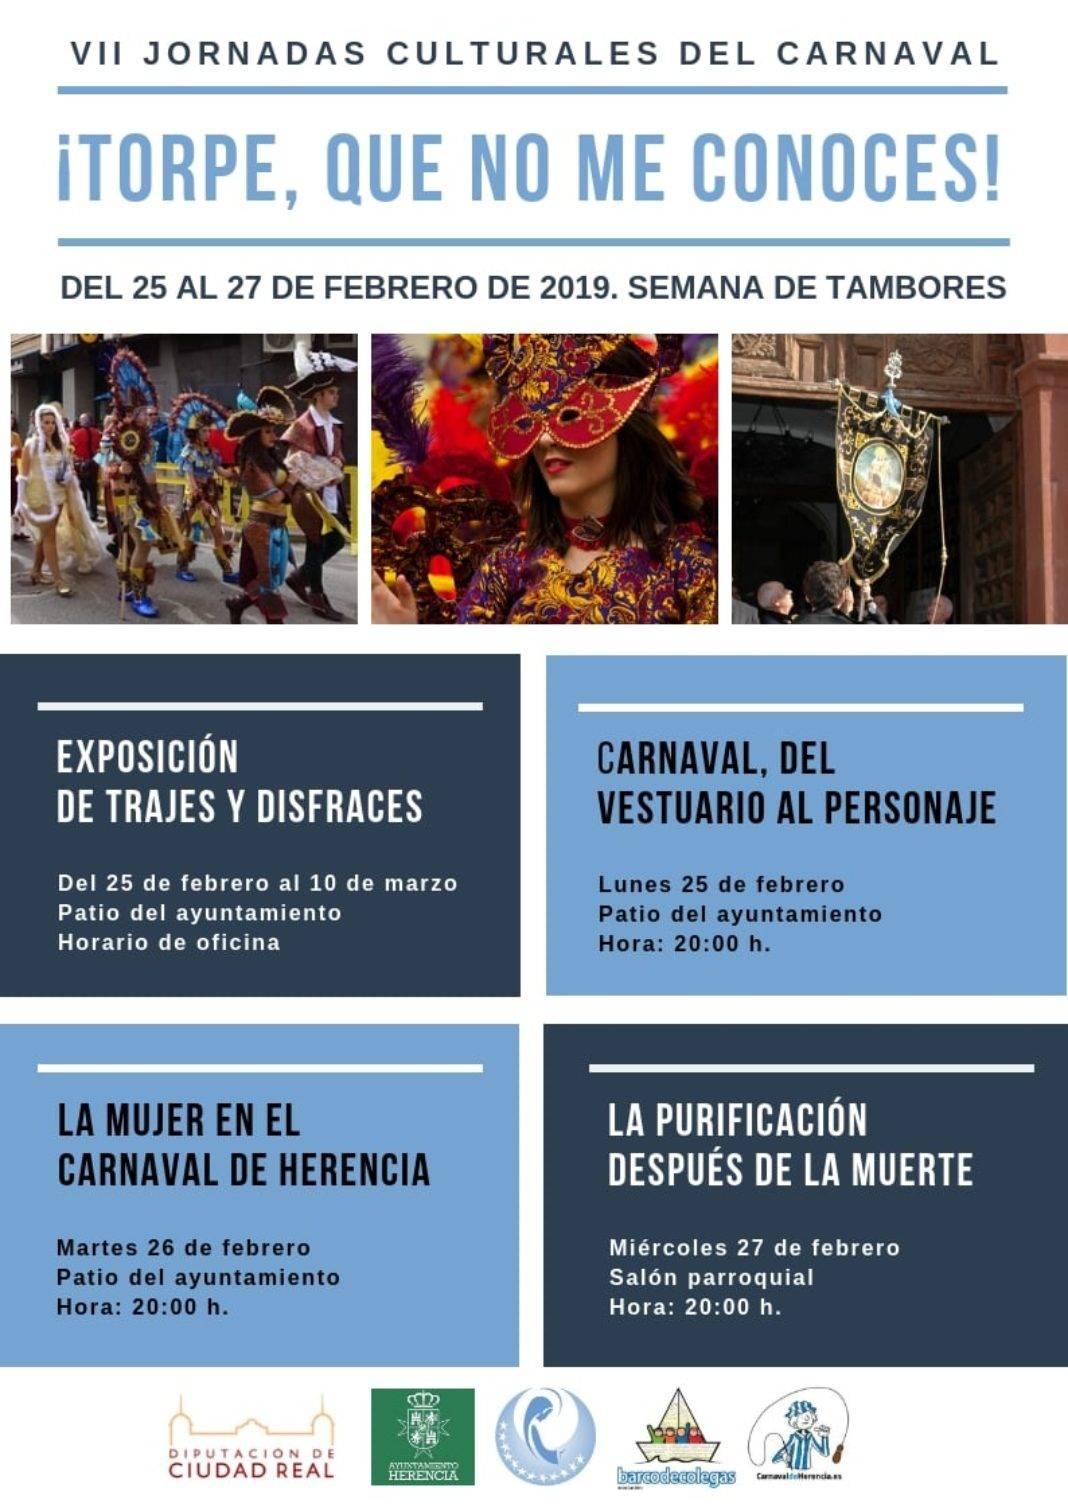 VII Jornadas Culturales del Carnaval de Herencia 2019 4